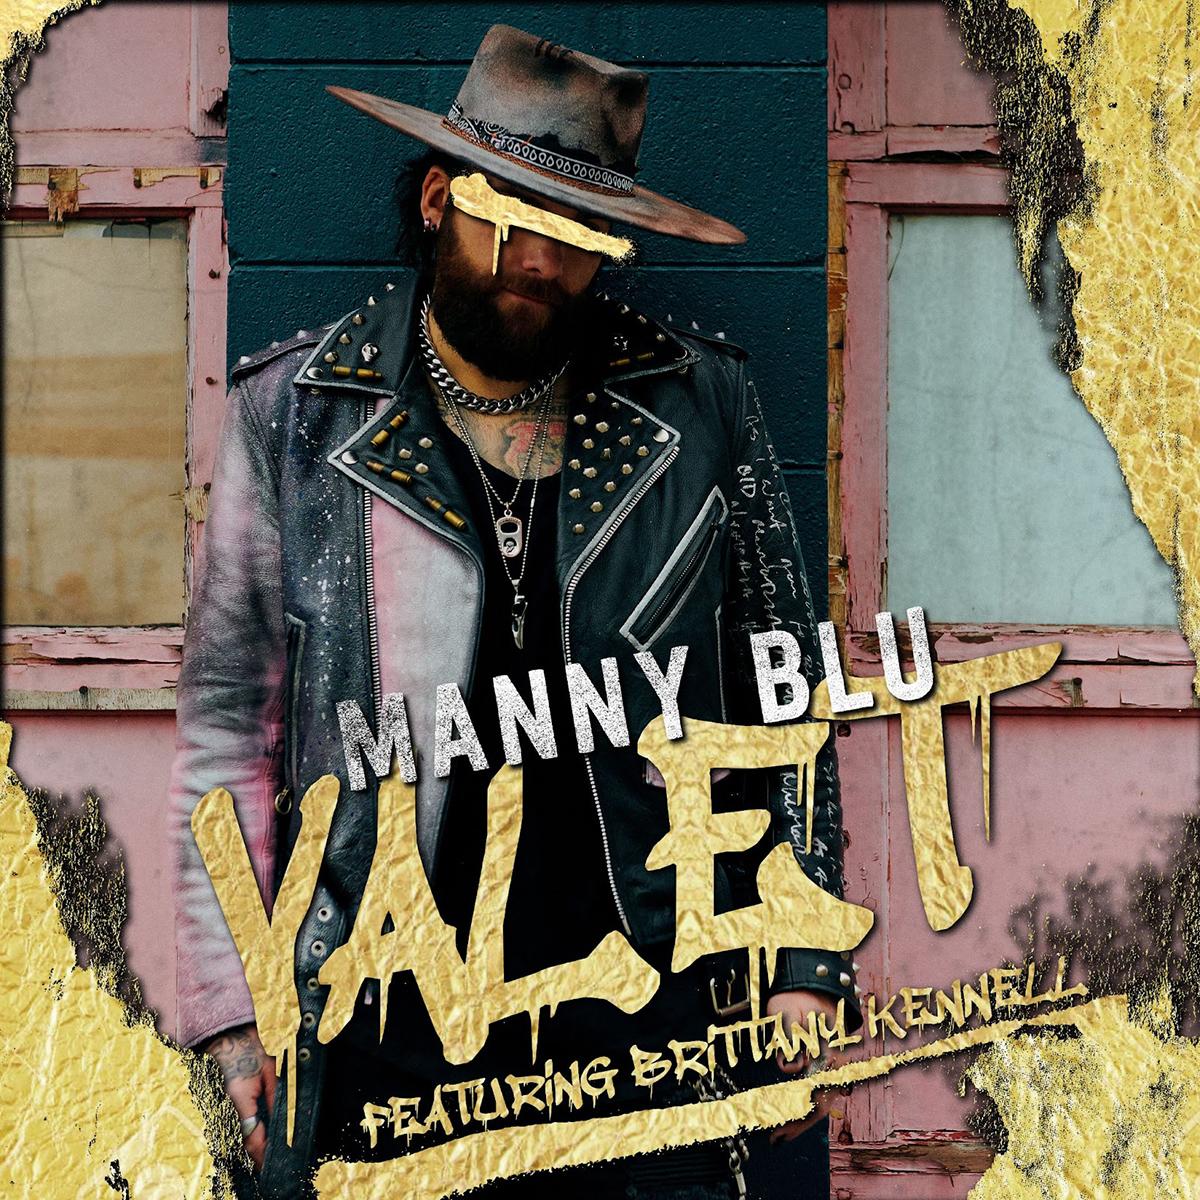 Manny Blu